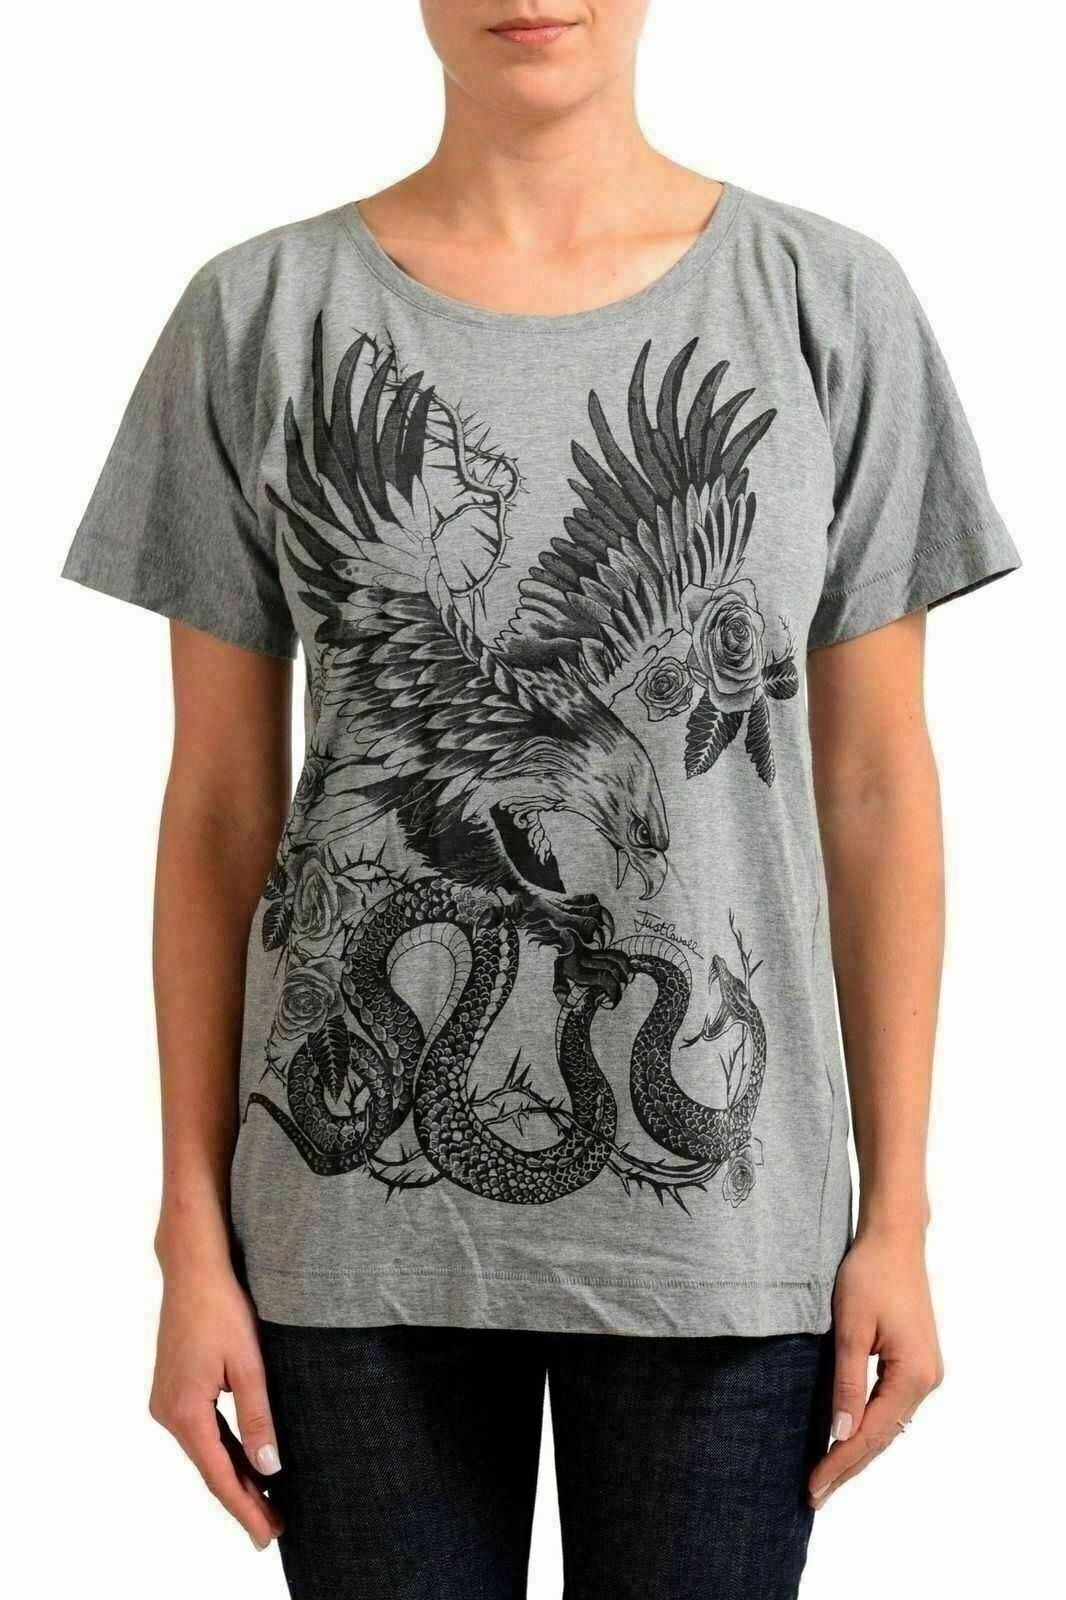 Just Cavalli Grigio Illustrato Donna Manica Manica Manica Corta Donna T-Shirt USA S It 40 969da2